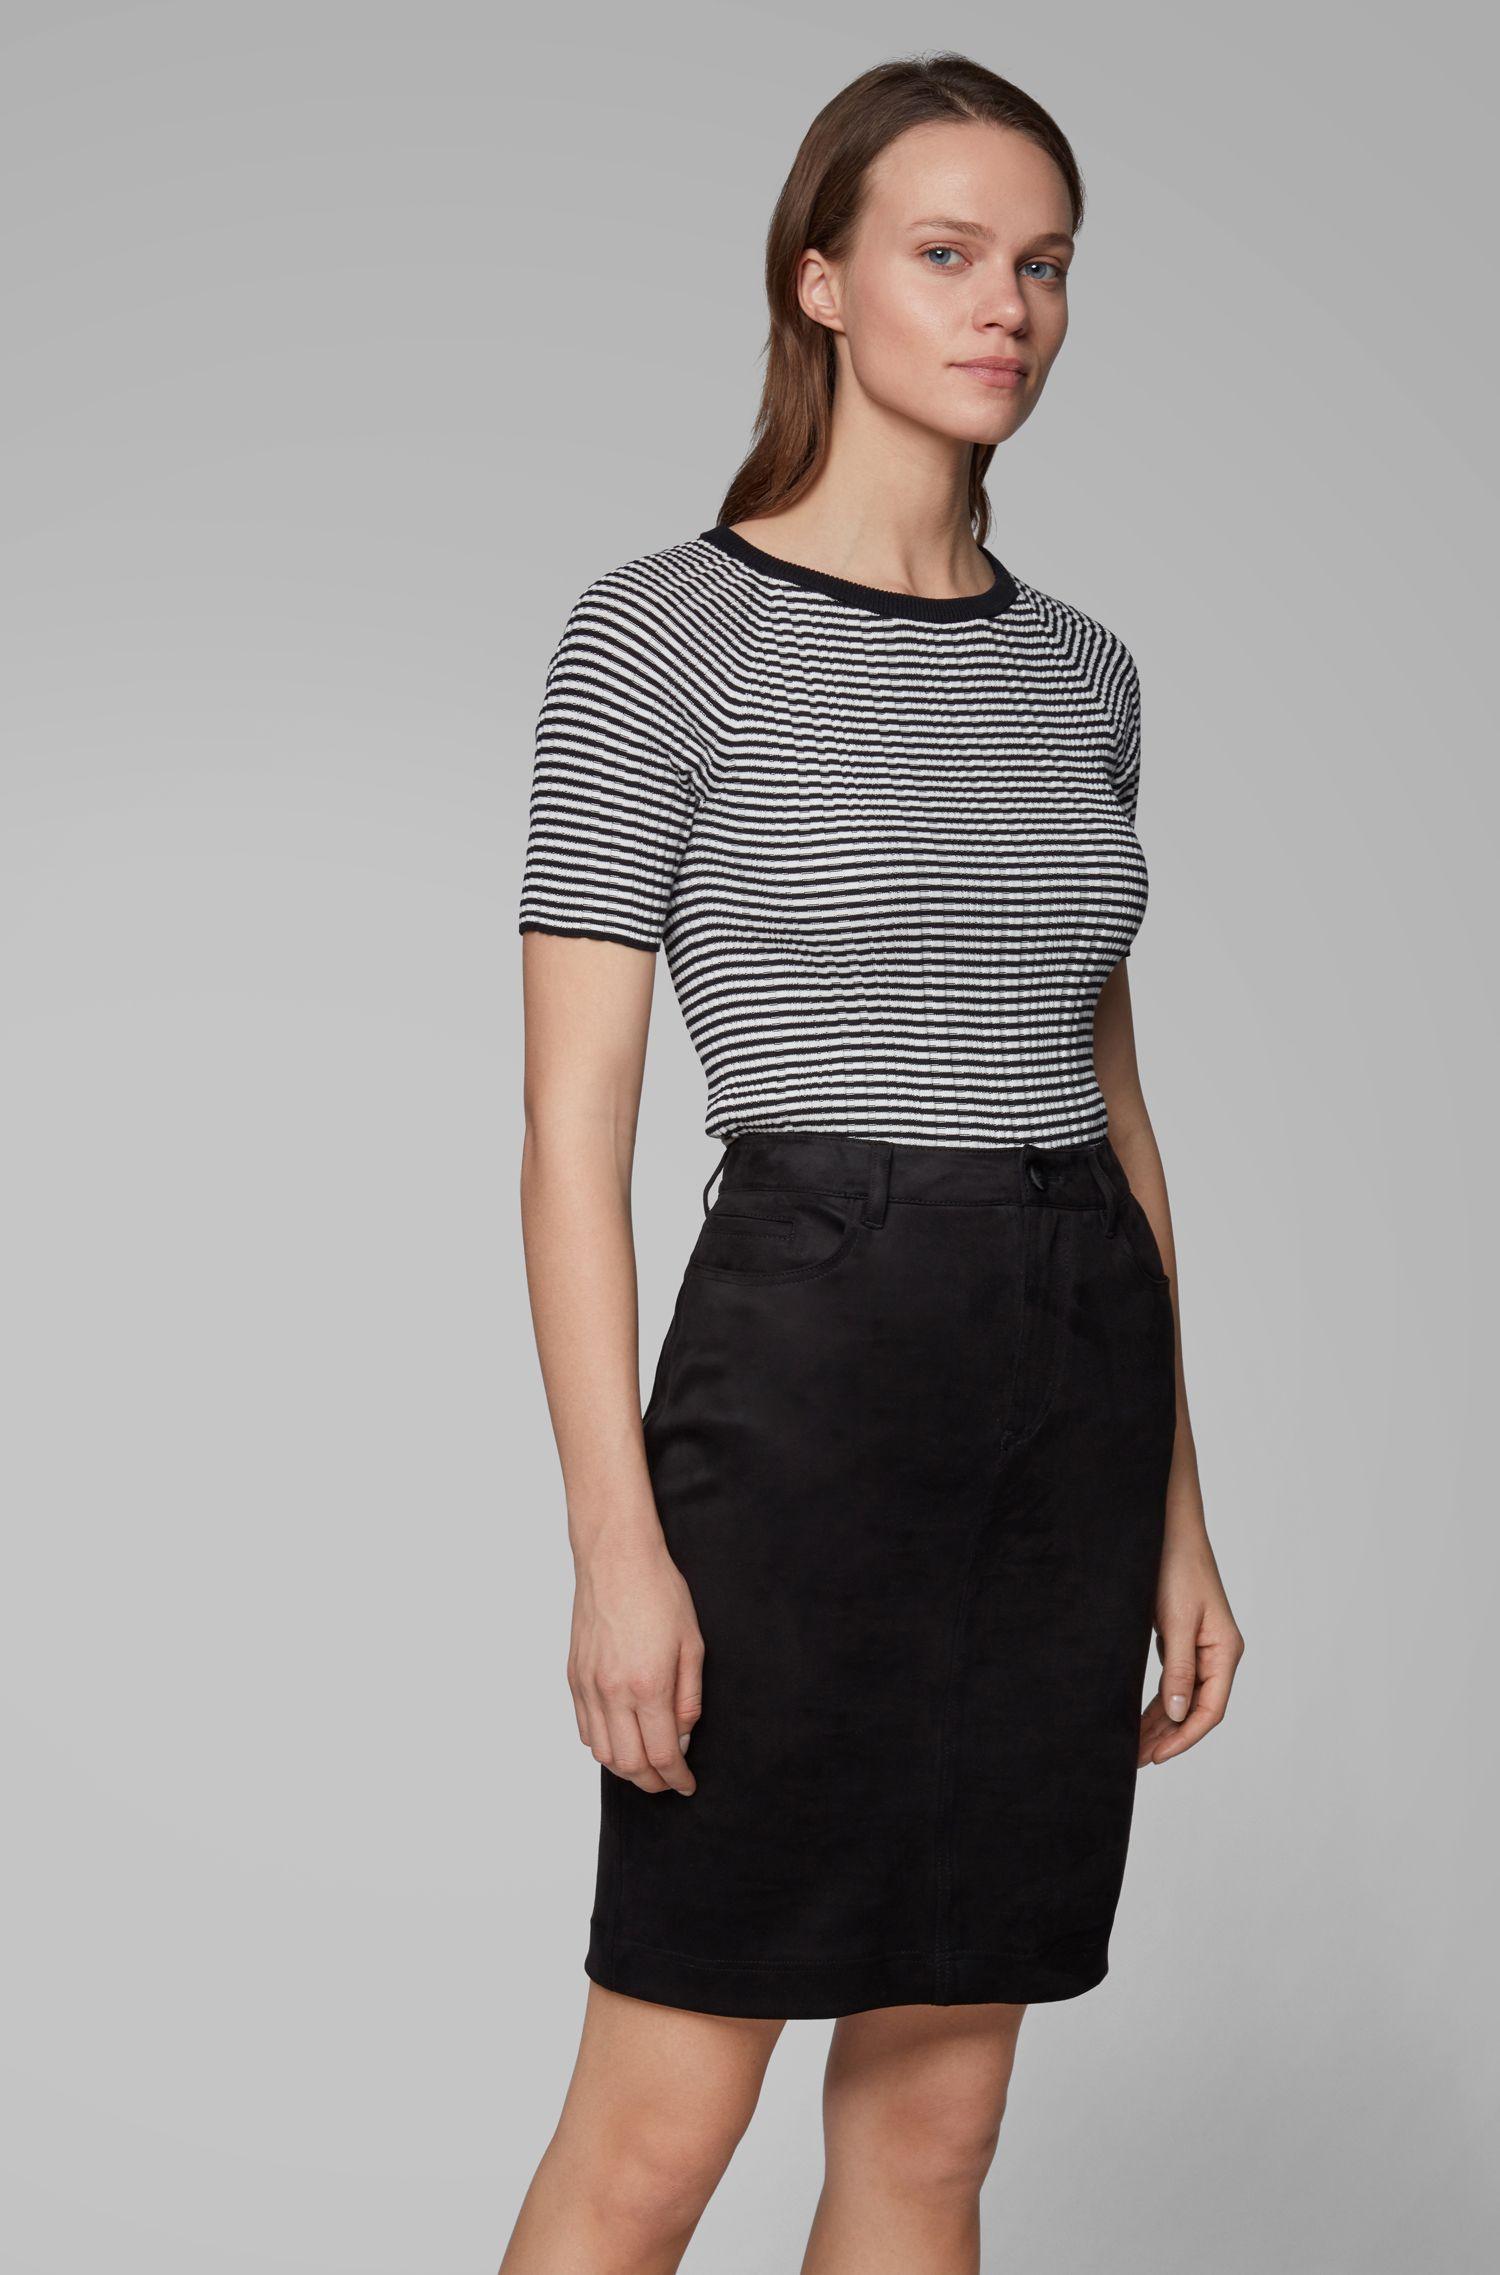 Top en maille à manches courtes en coton à rayures, avec de la soie, Noir